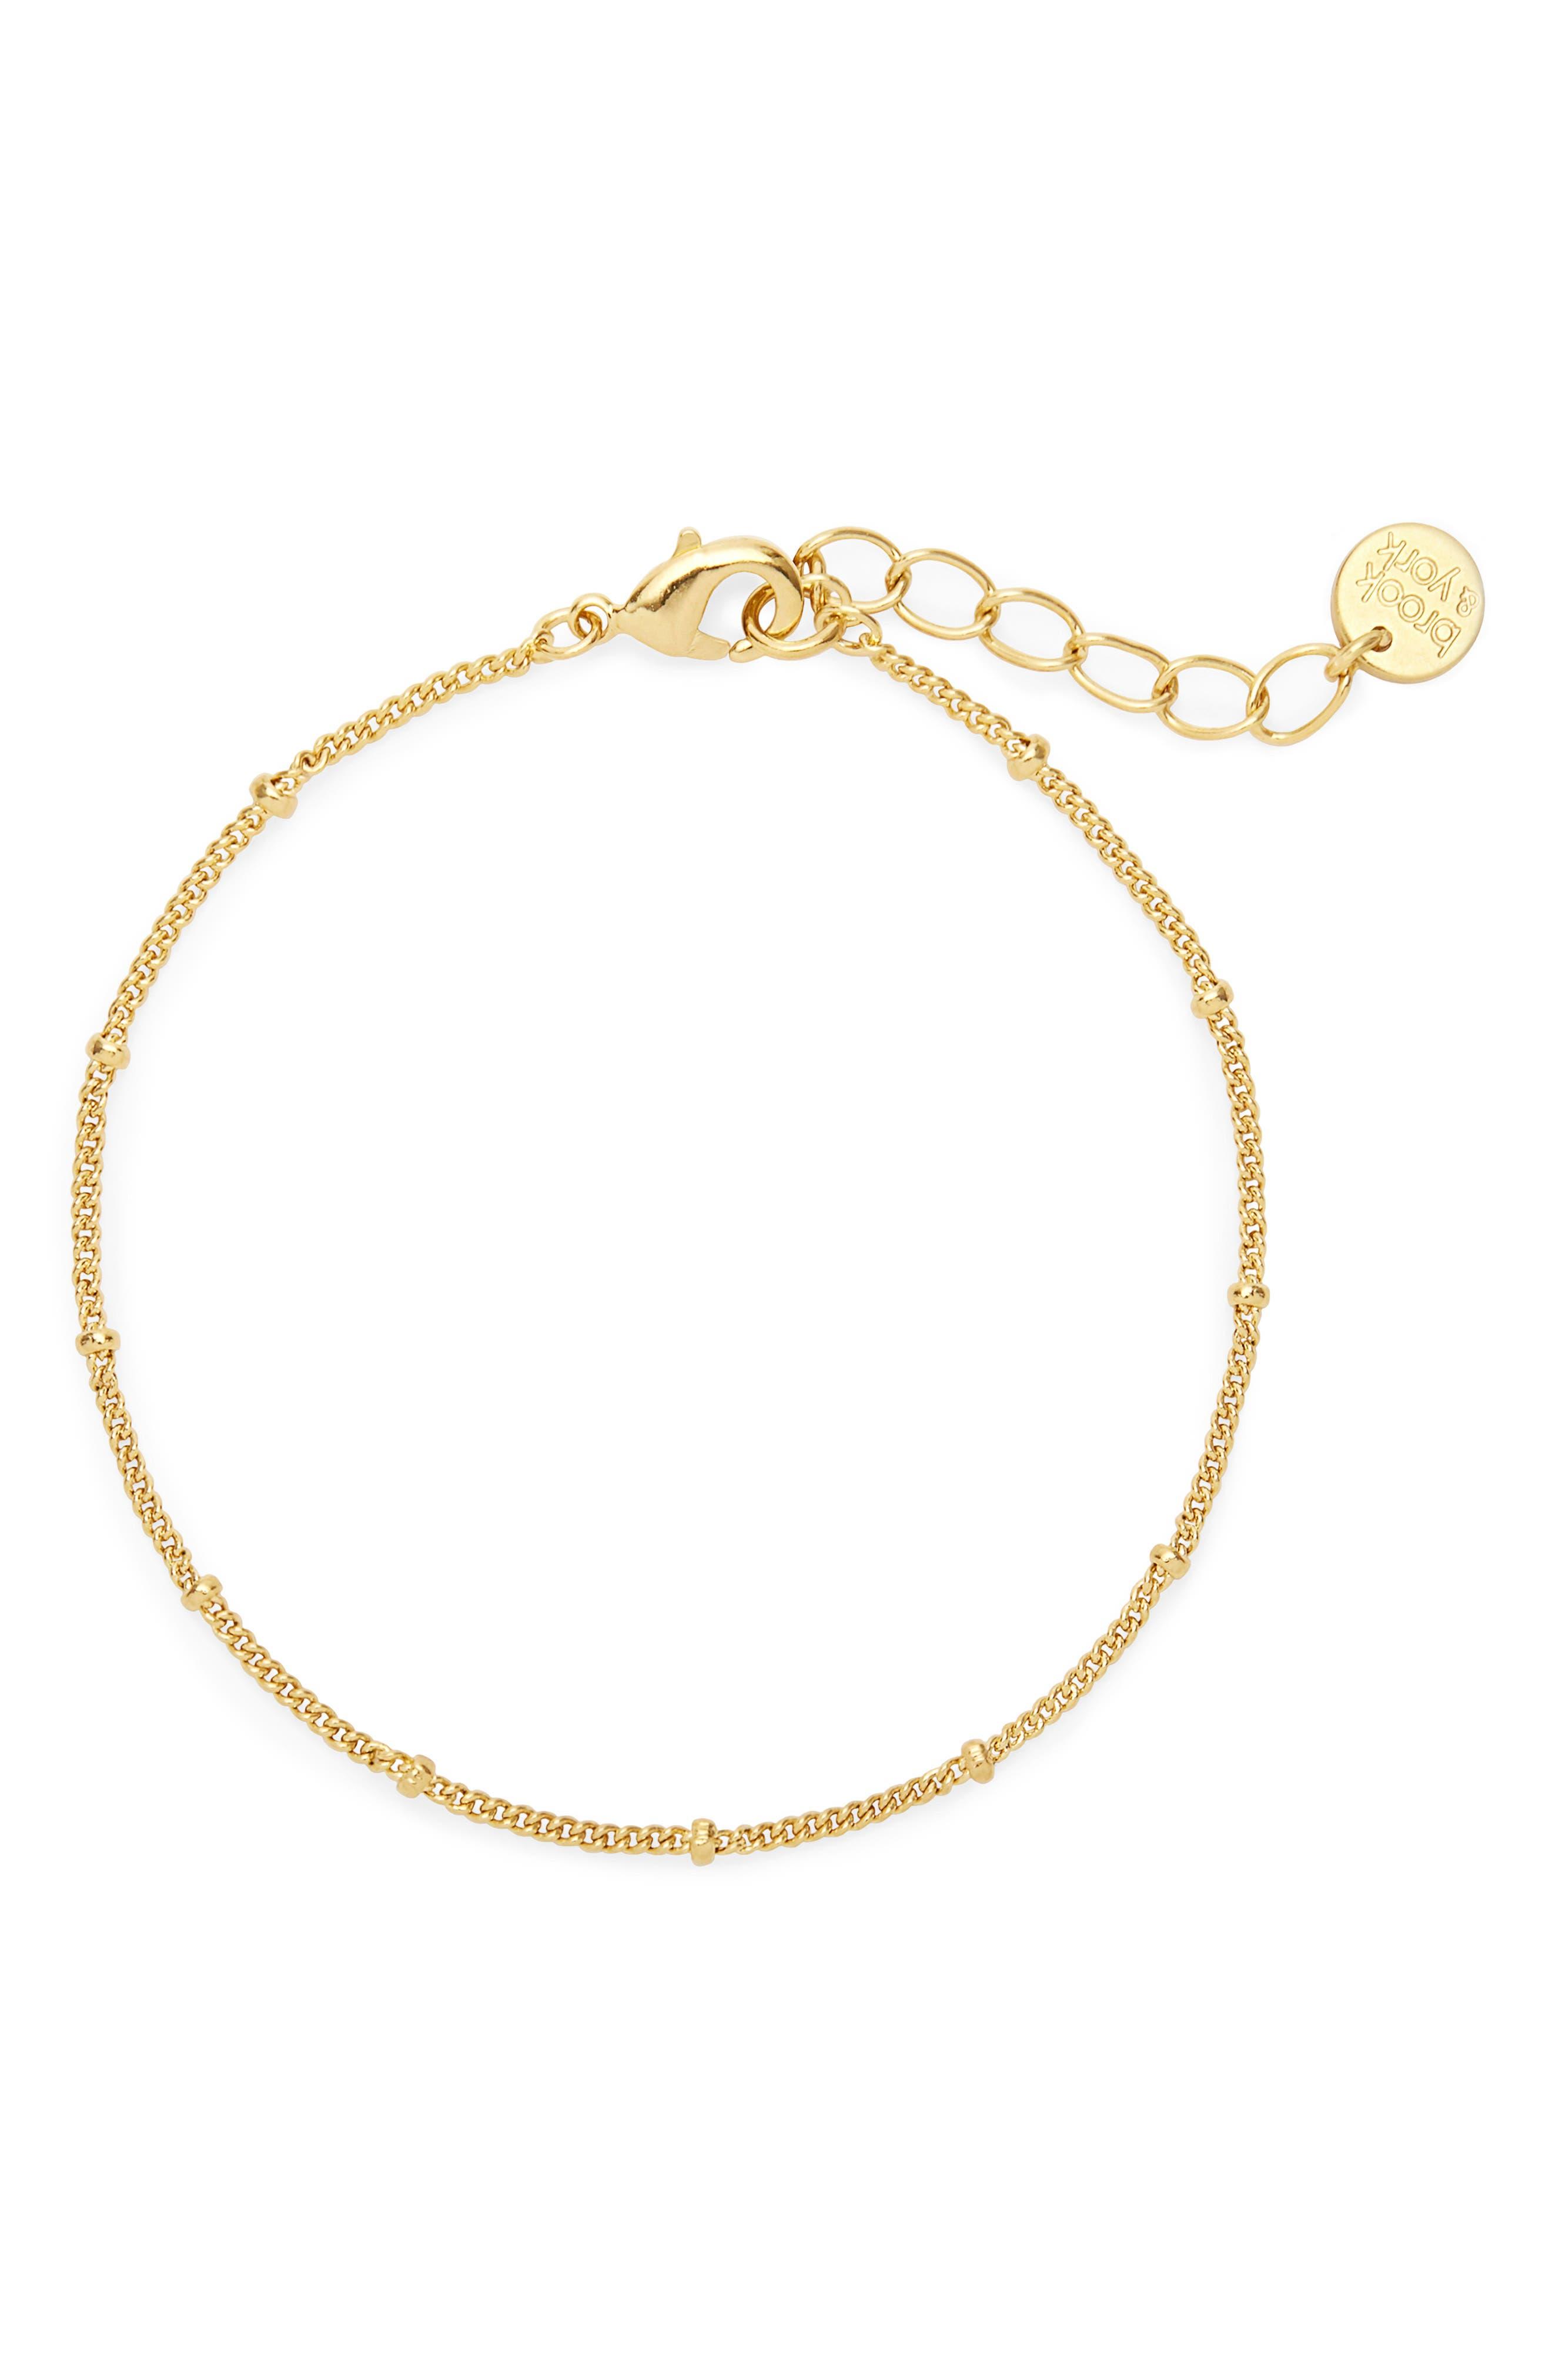 Madeline Chain Bracelet